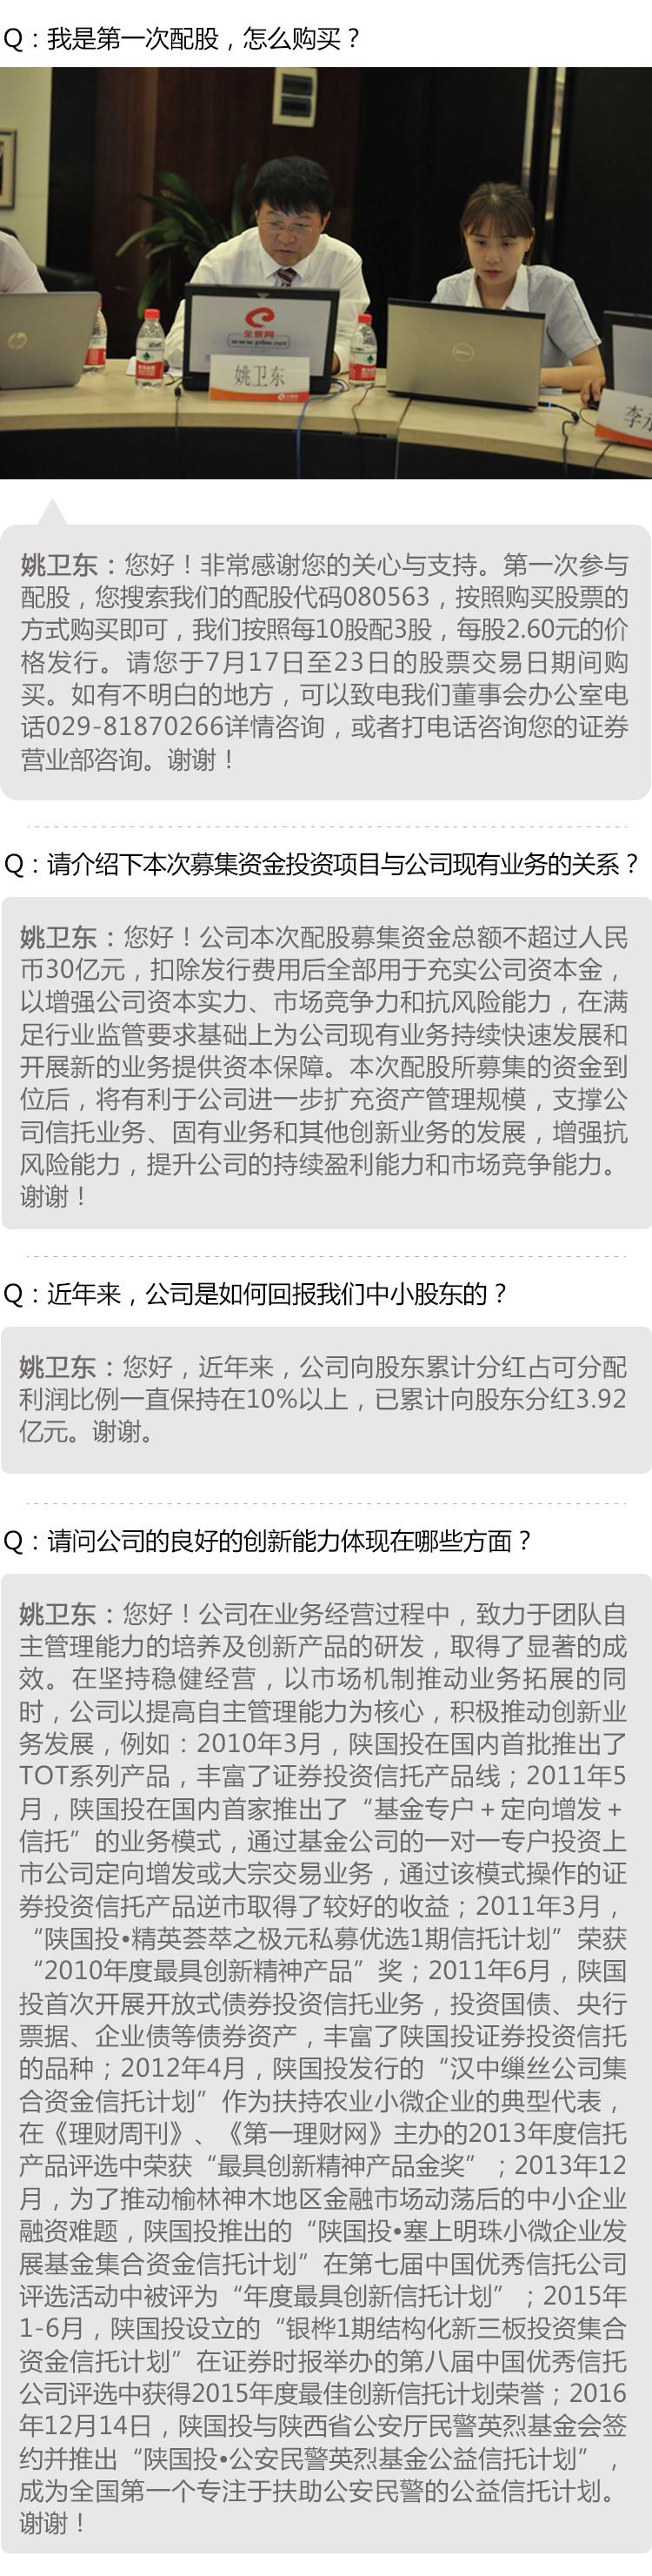 陕西省国际信托股份有限公司-路演_ (6).jpg